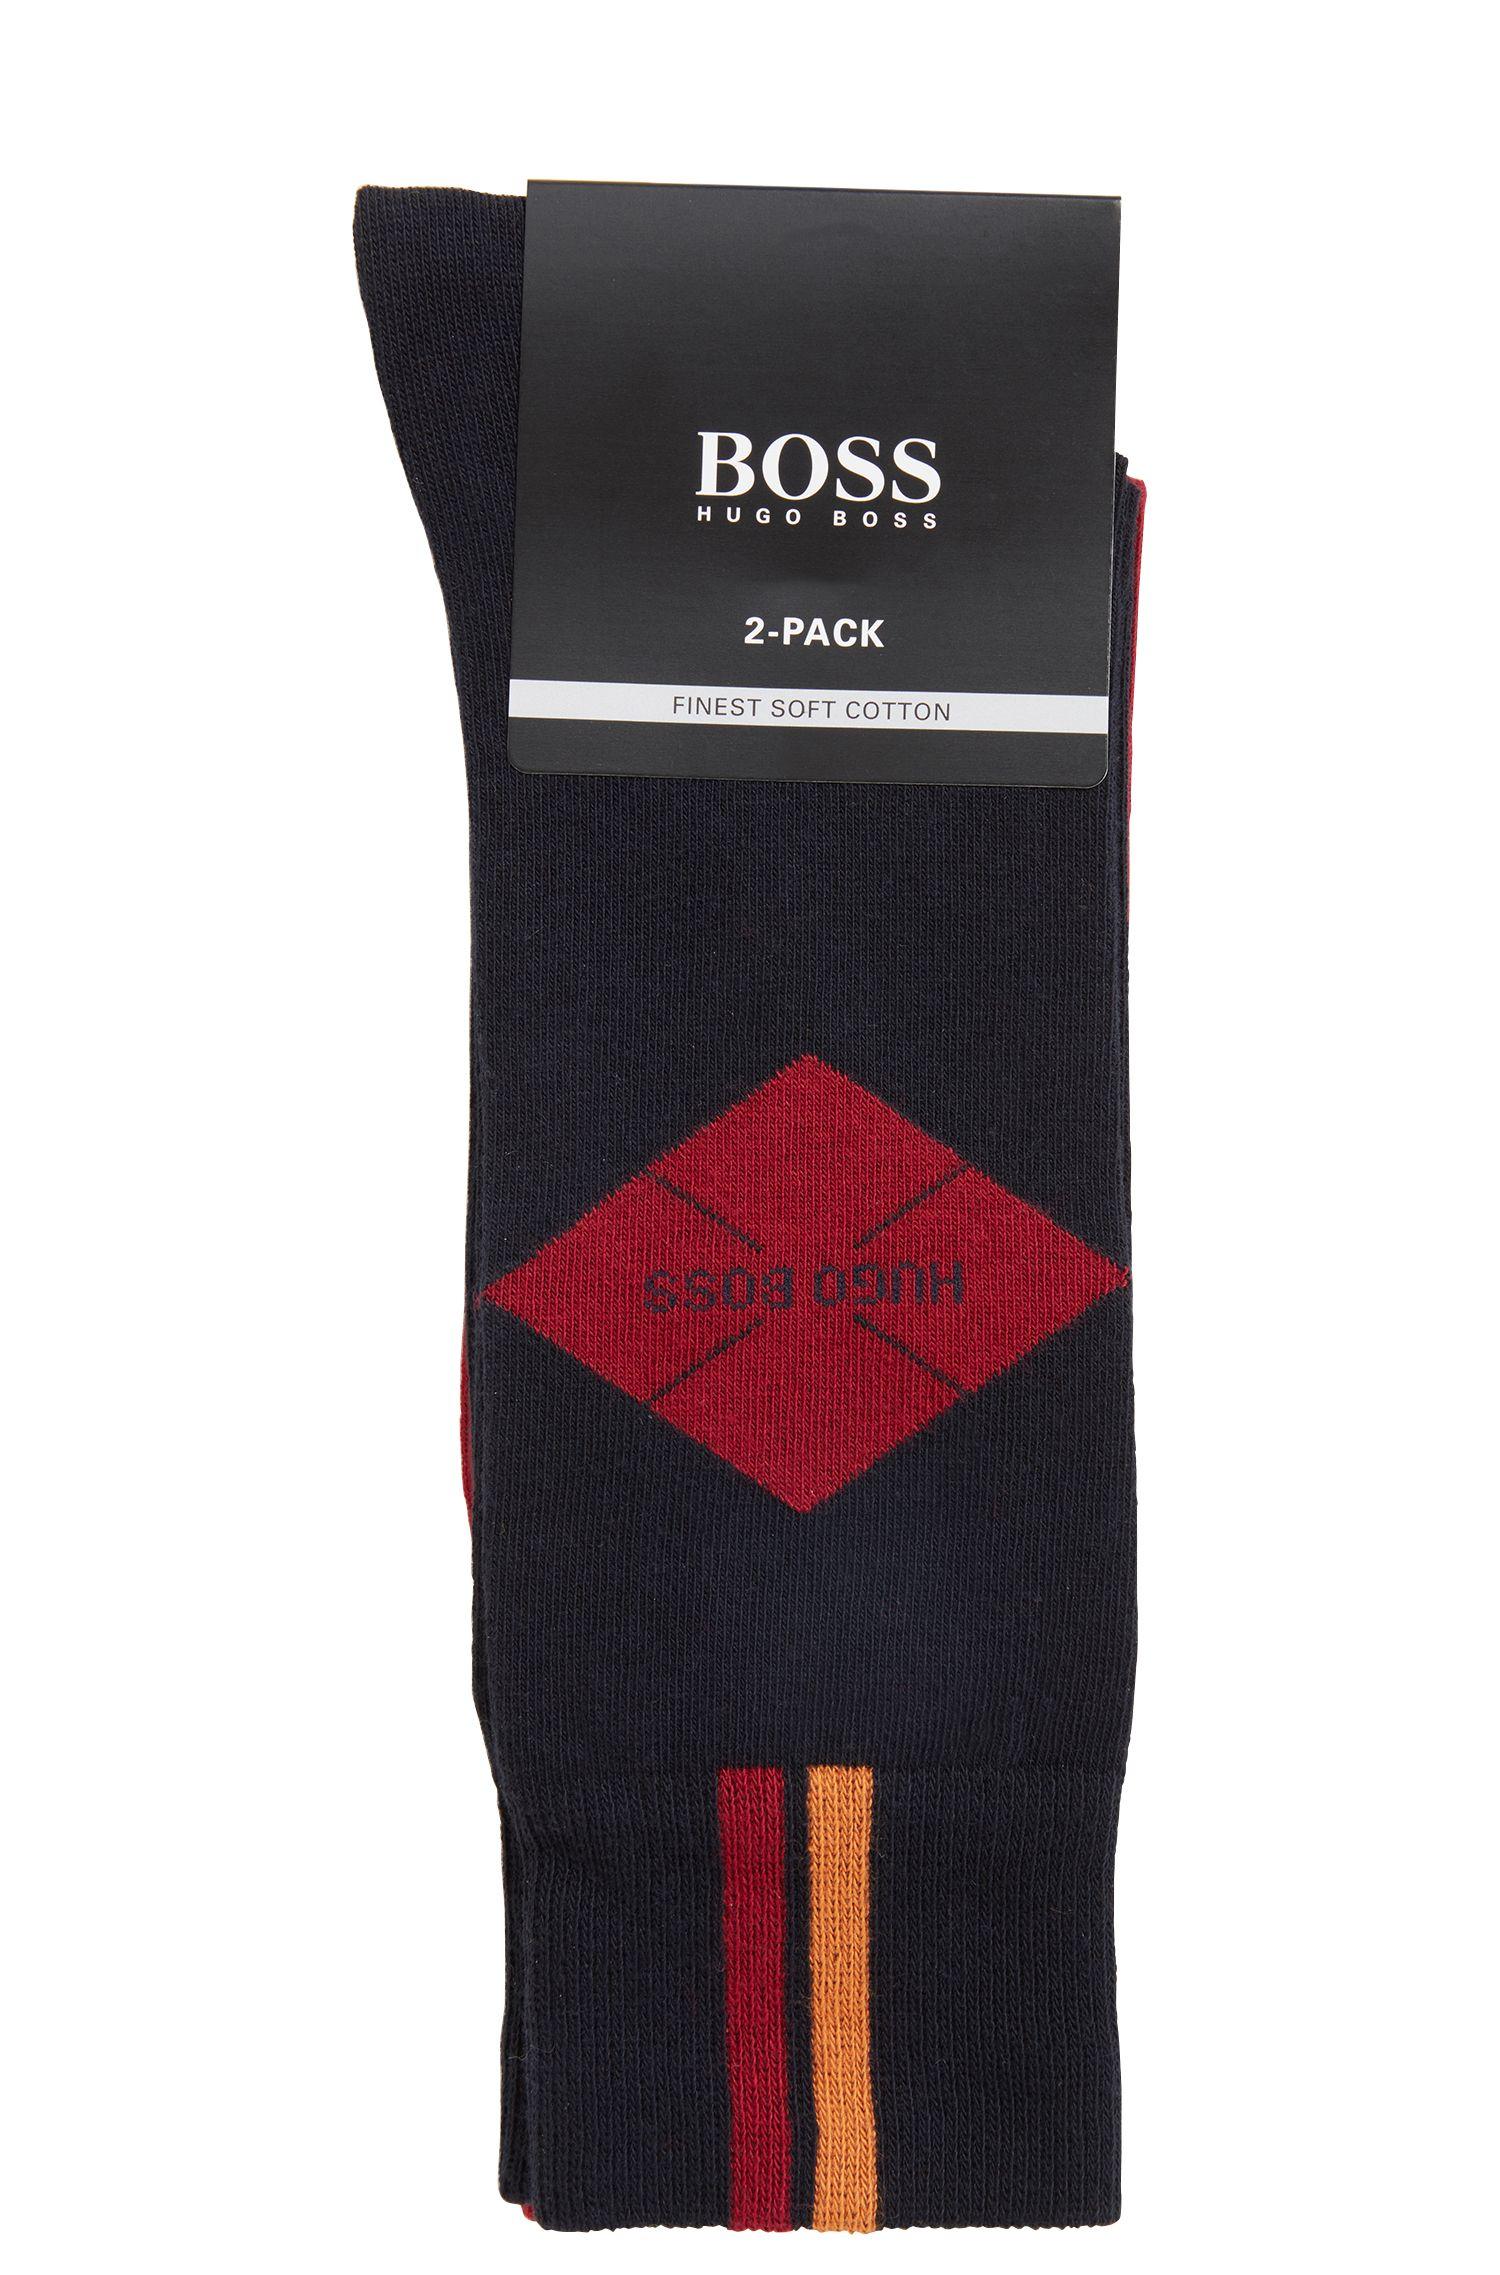 Zweier-Pack unifarbene und gemusterte mittelhohe Socken aus Baumwoll-Mix